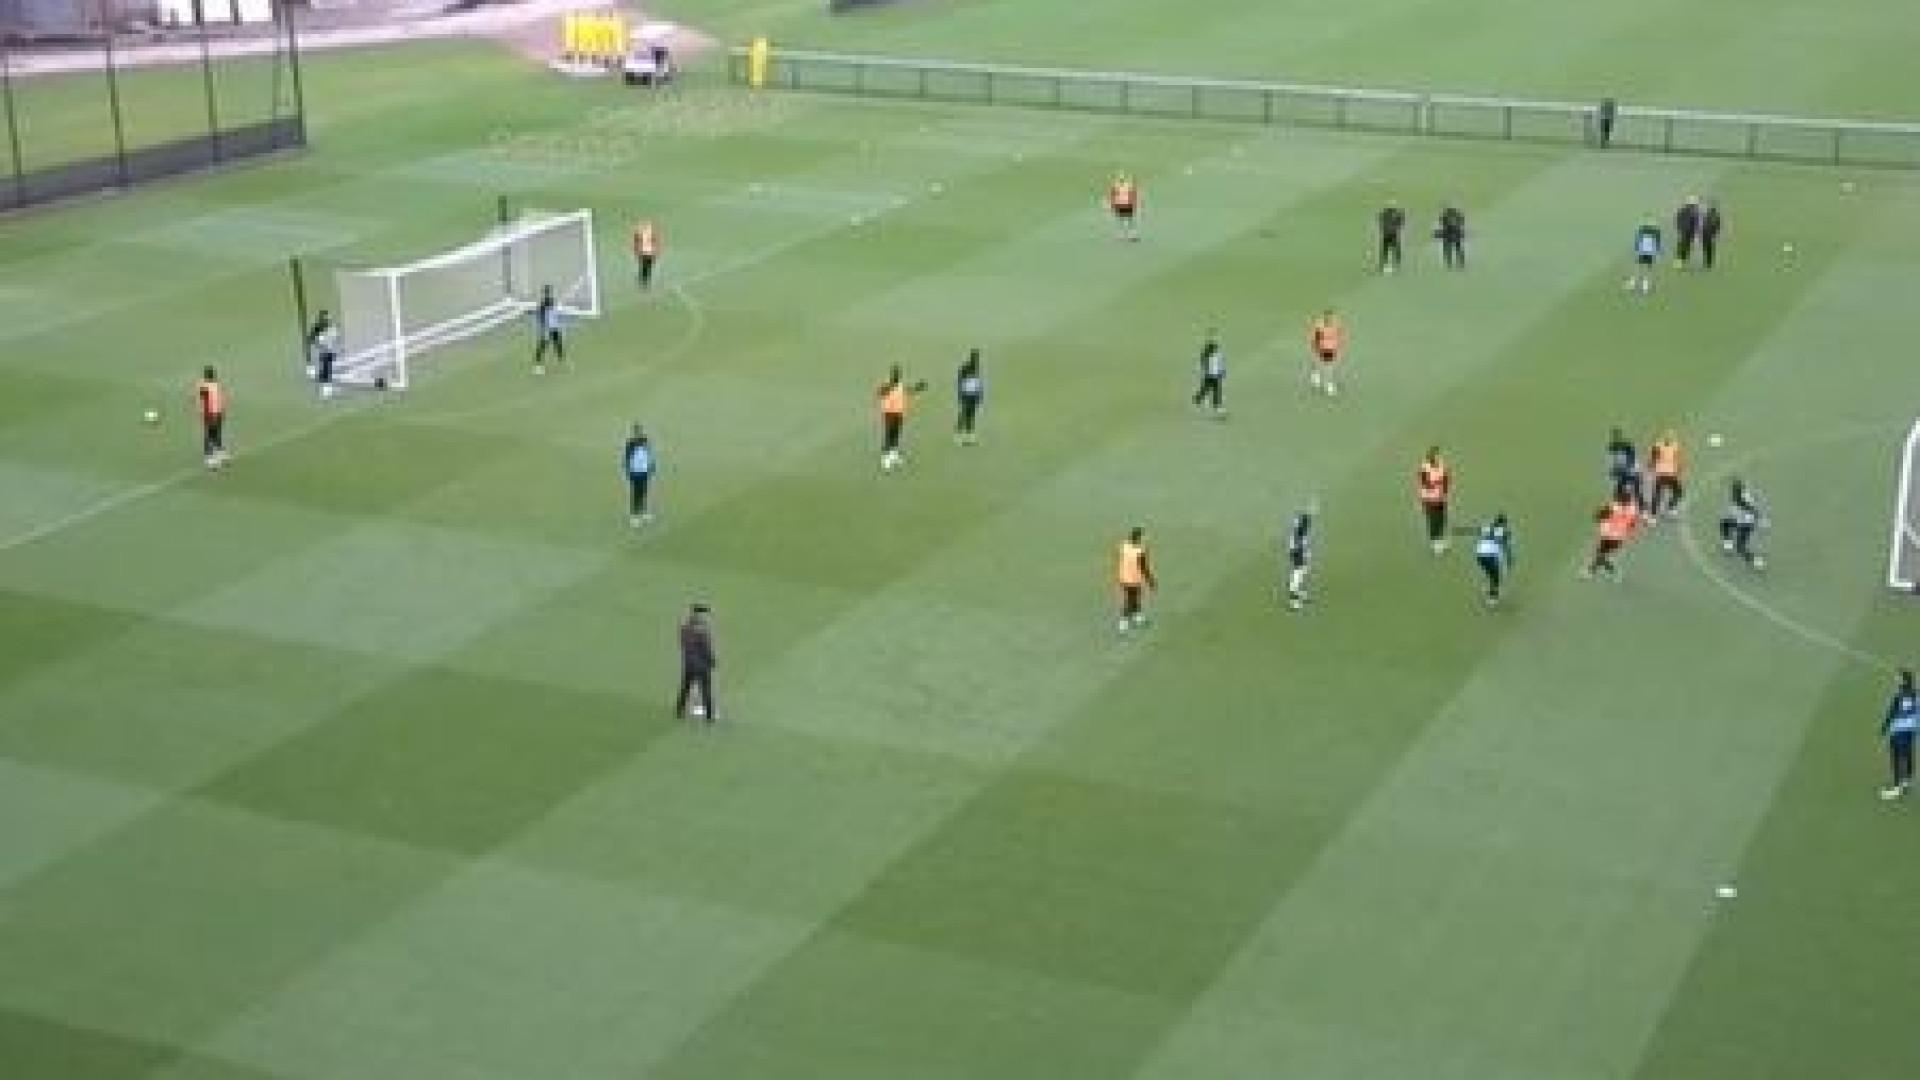 Jogador do Aston Villa brilha no treino com 'rabona' impressionante